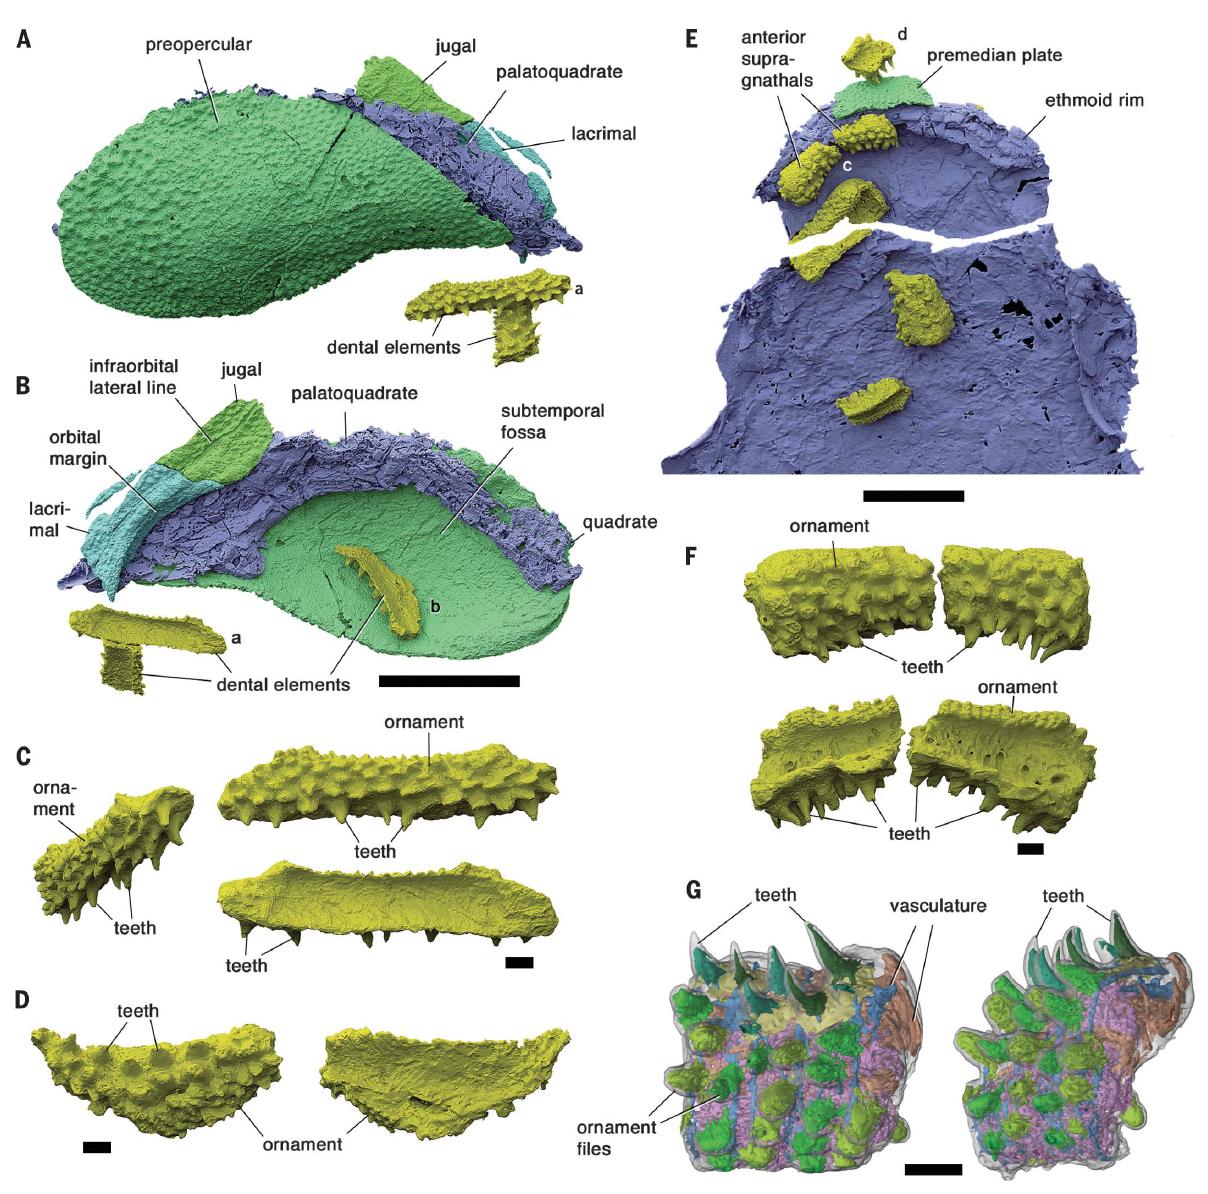 Забытая эволюция челюстей: от дунклеостея до человека - 6